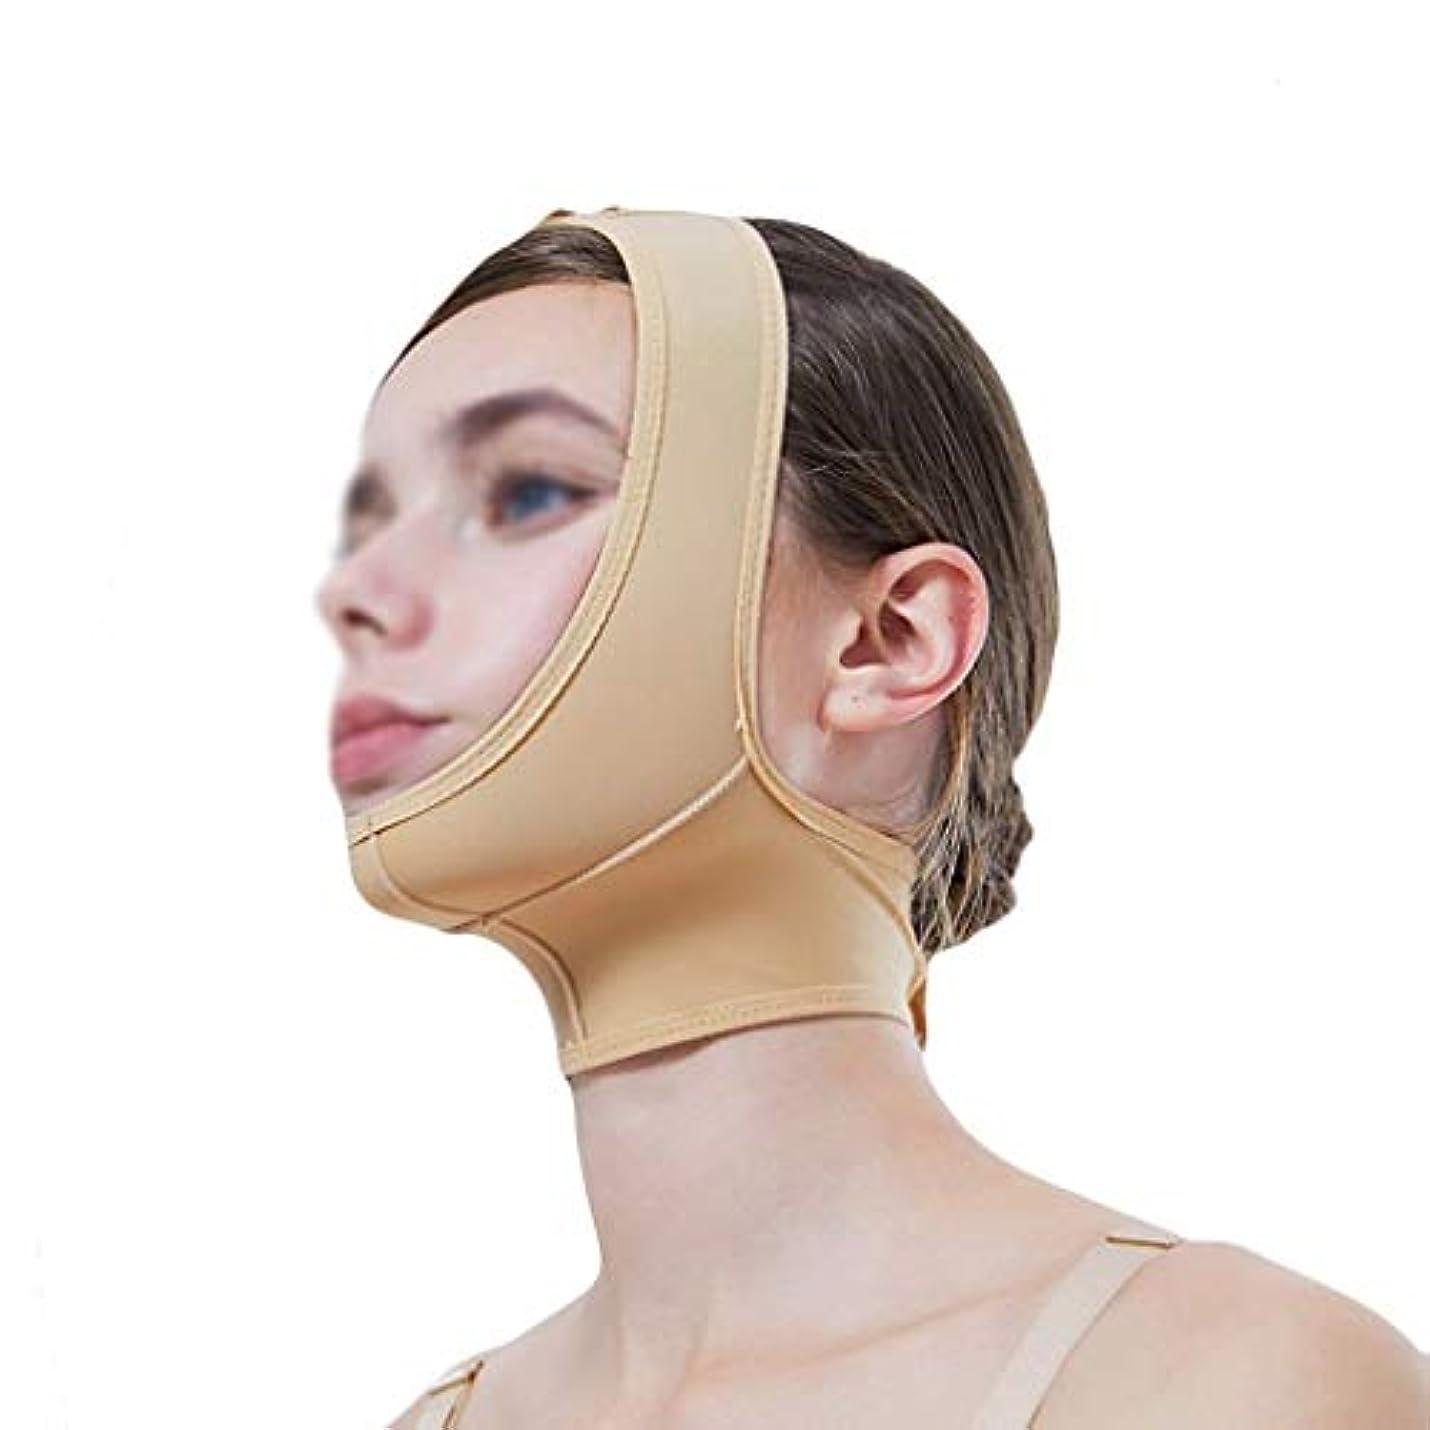 ベーコン着替える去るマスク、超薄型ベルト、フェイスリフティングに適し、フェイスリフティング、通気性包帯、あご取りベルト、超薄型ベルト、通気性(サイズ:XL),XXL